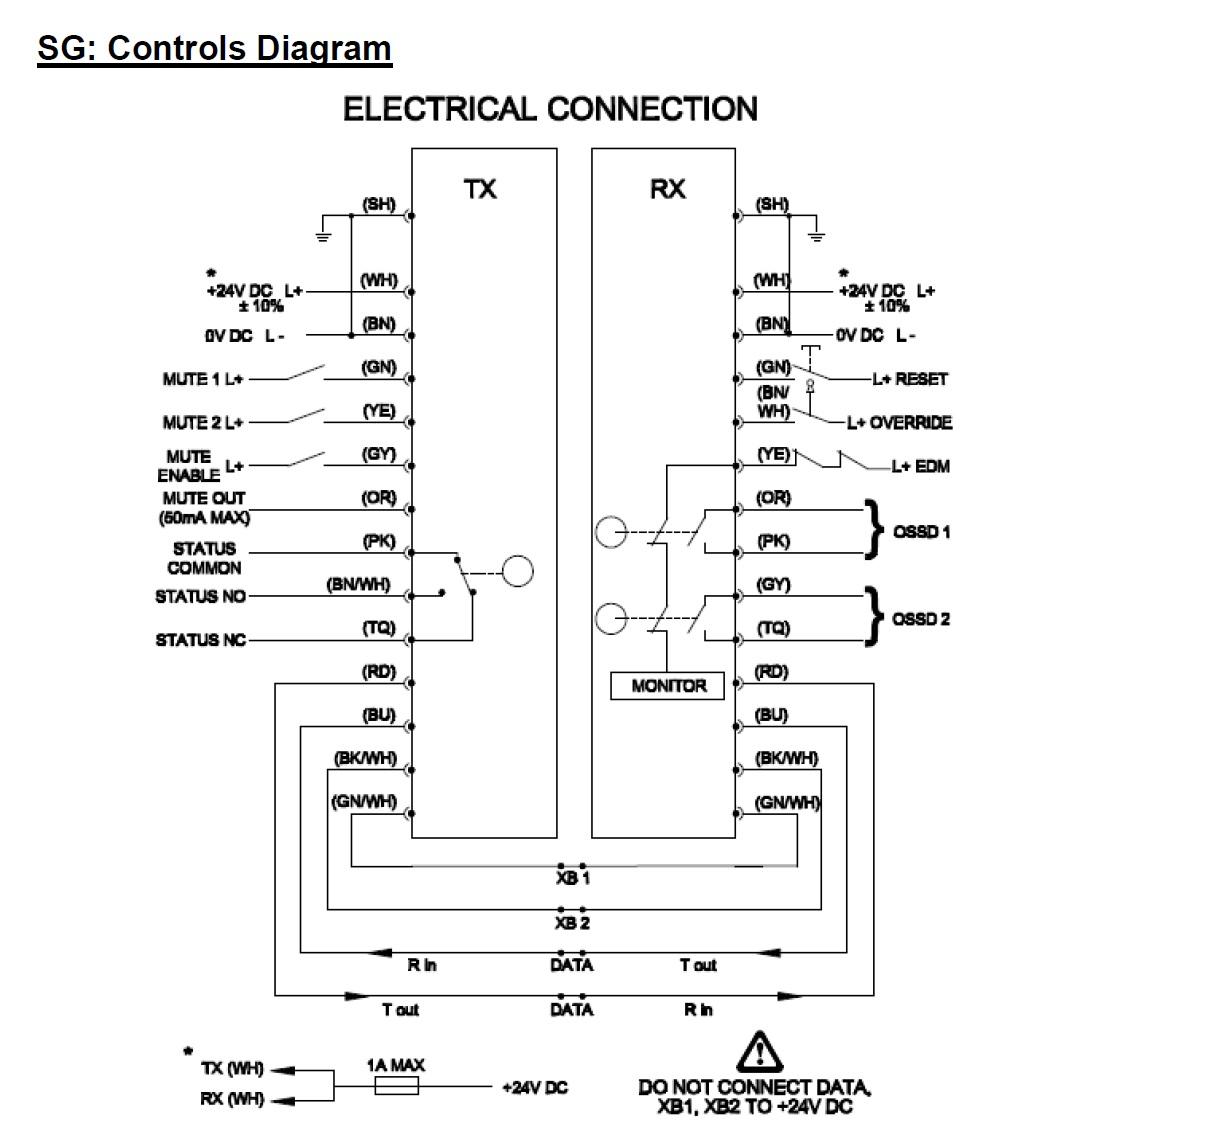 sg_controls?resize=800%2C746 light curtain wiring diagram starter wiring diagram, relay wiring safety mat wiring diagram at honlapkeszites.co